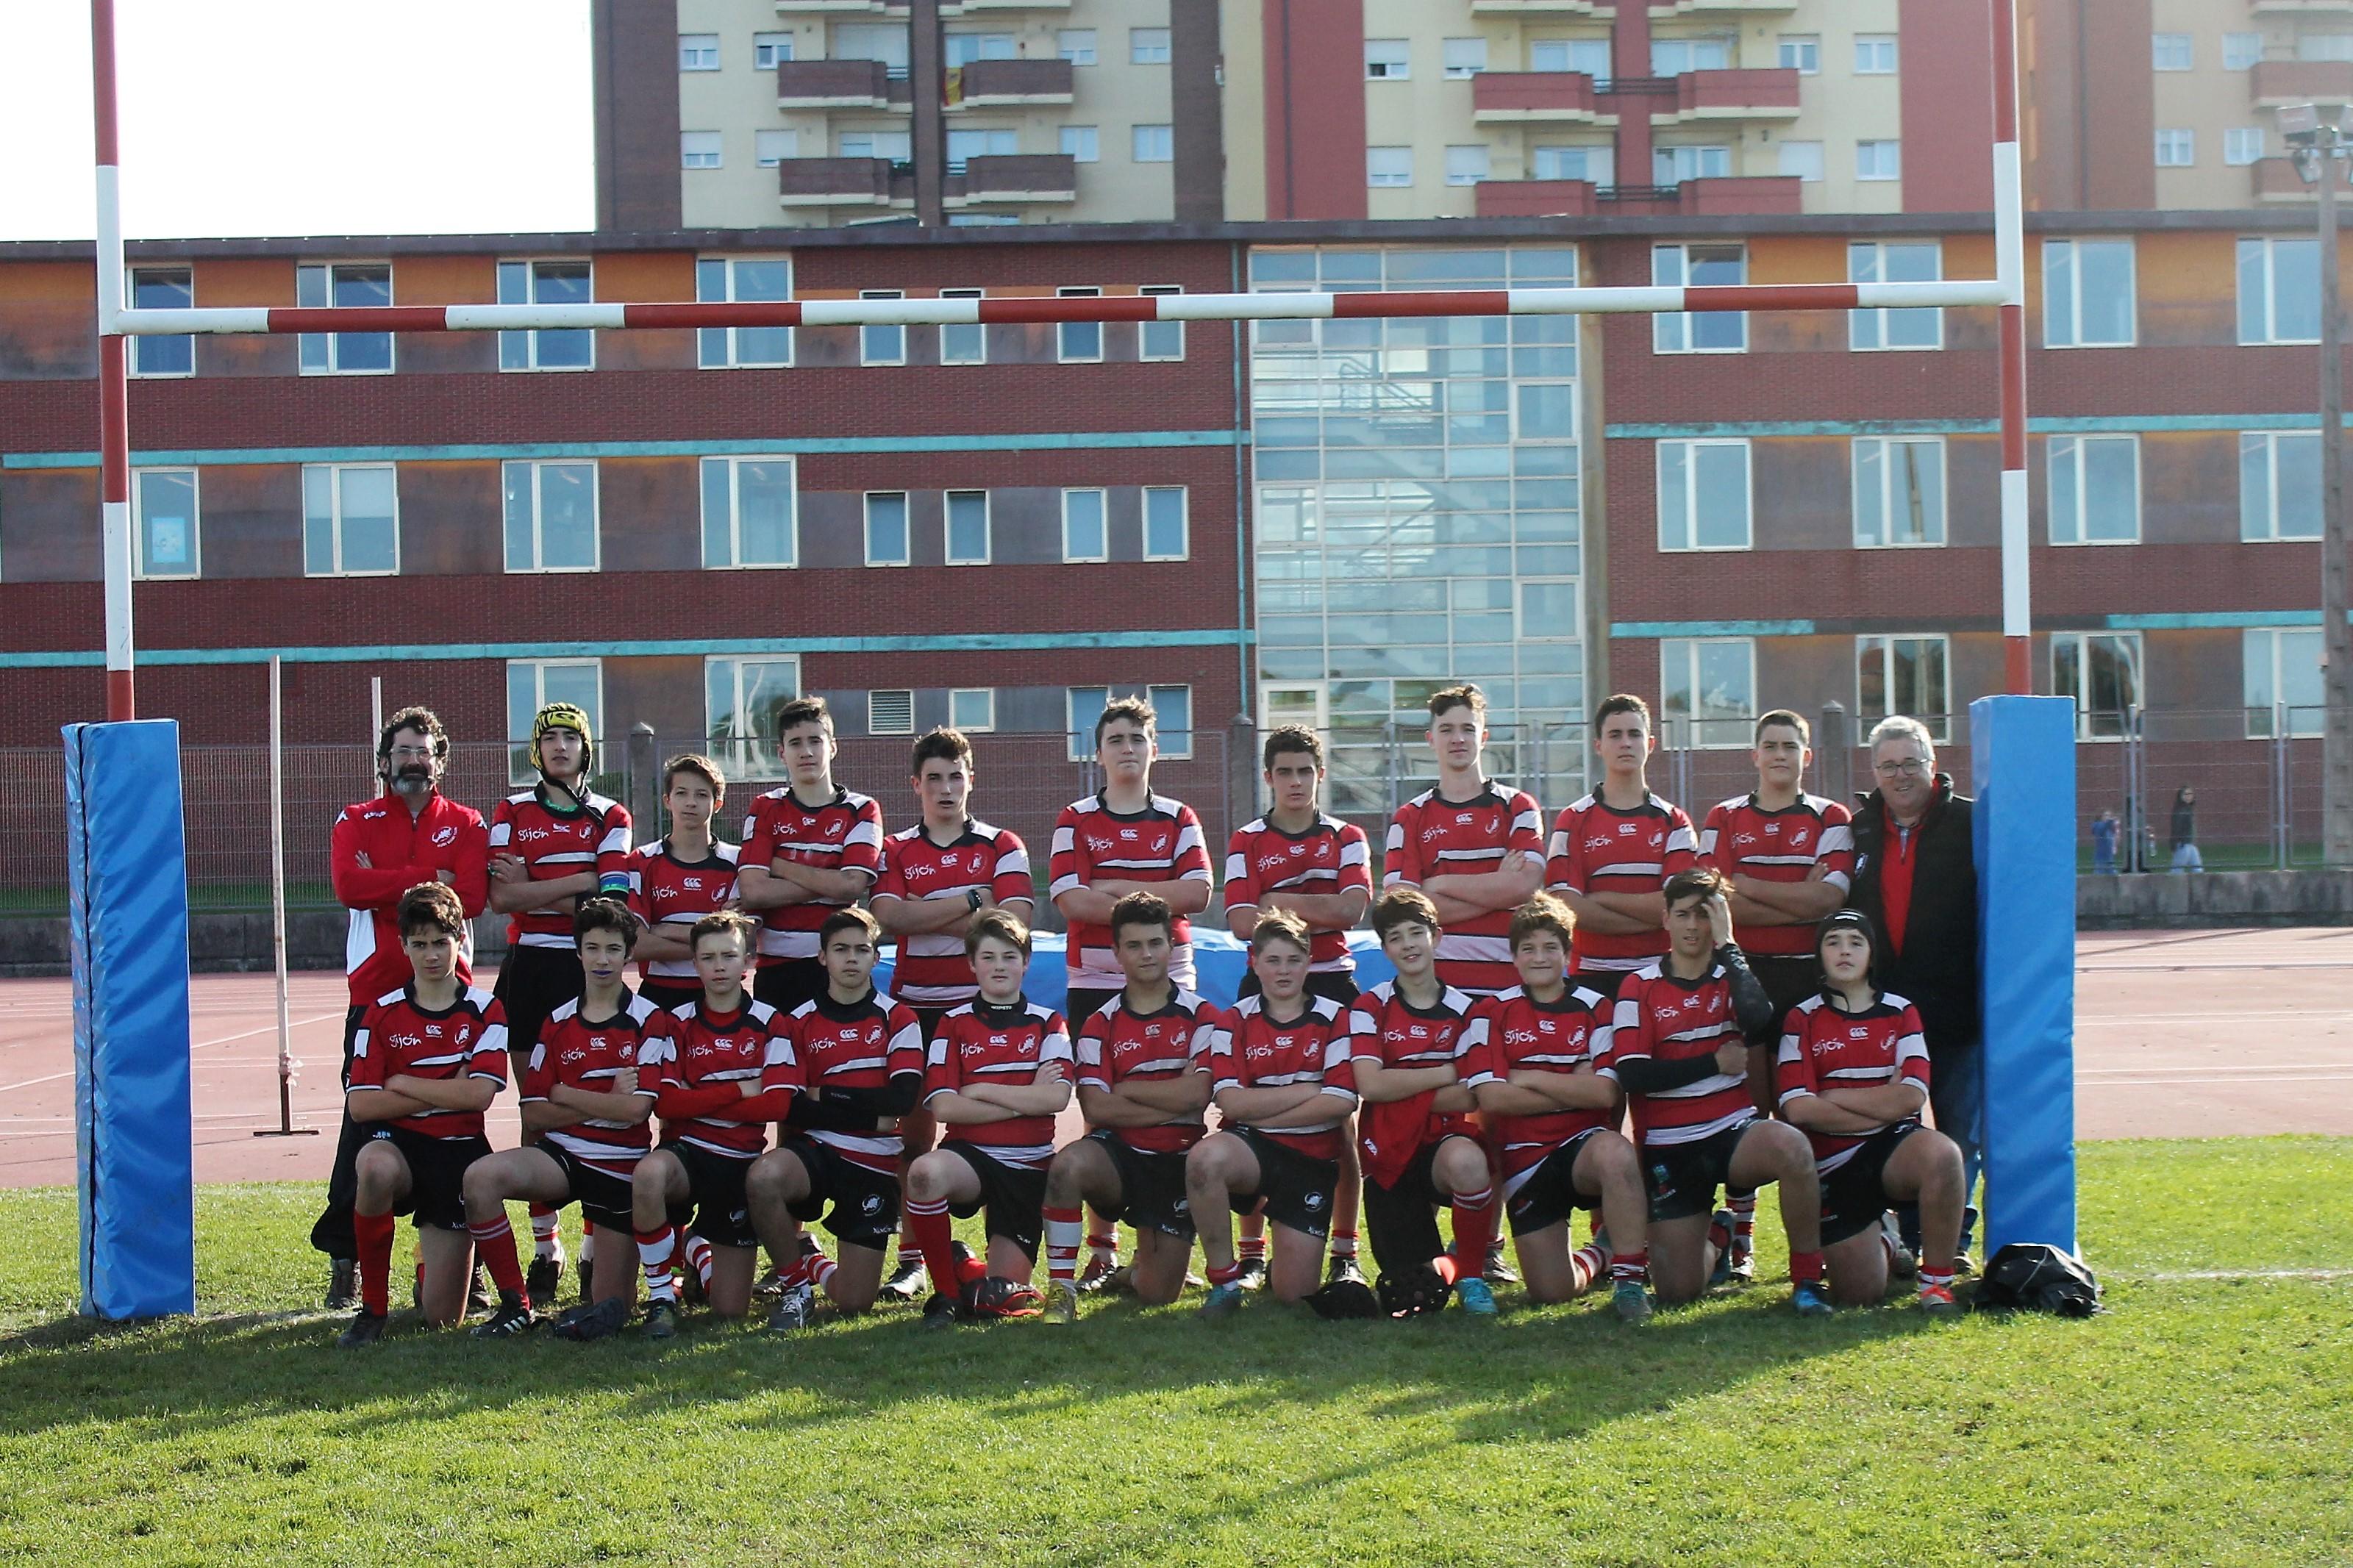 Equipo sub-16 del Gijón Rugby Club - Universidad de Oviedo